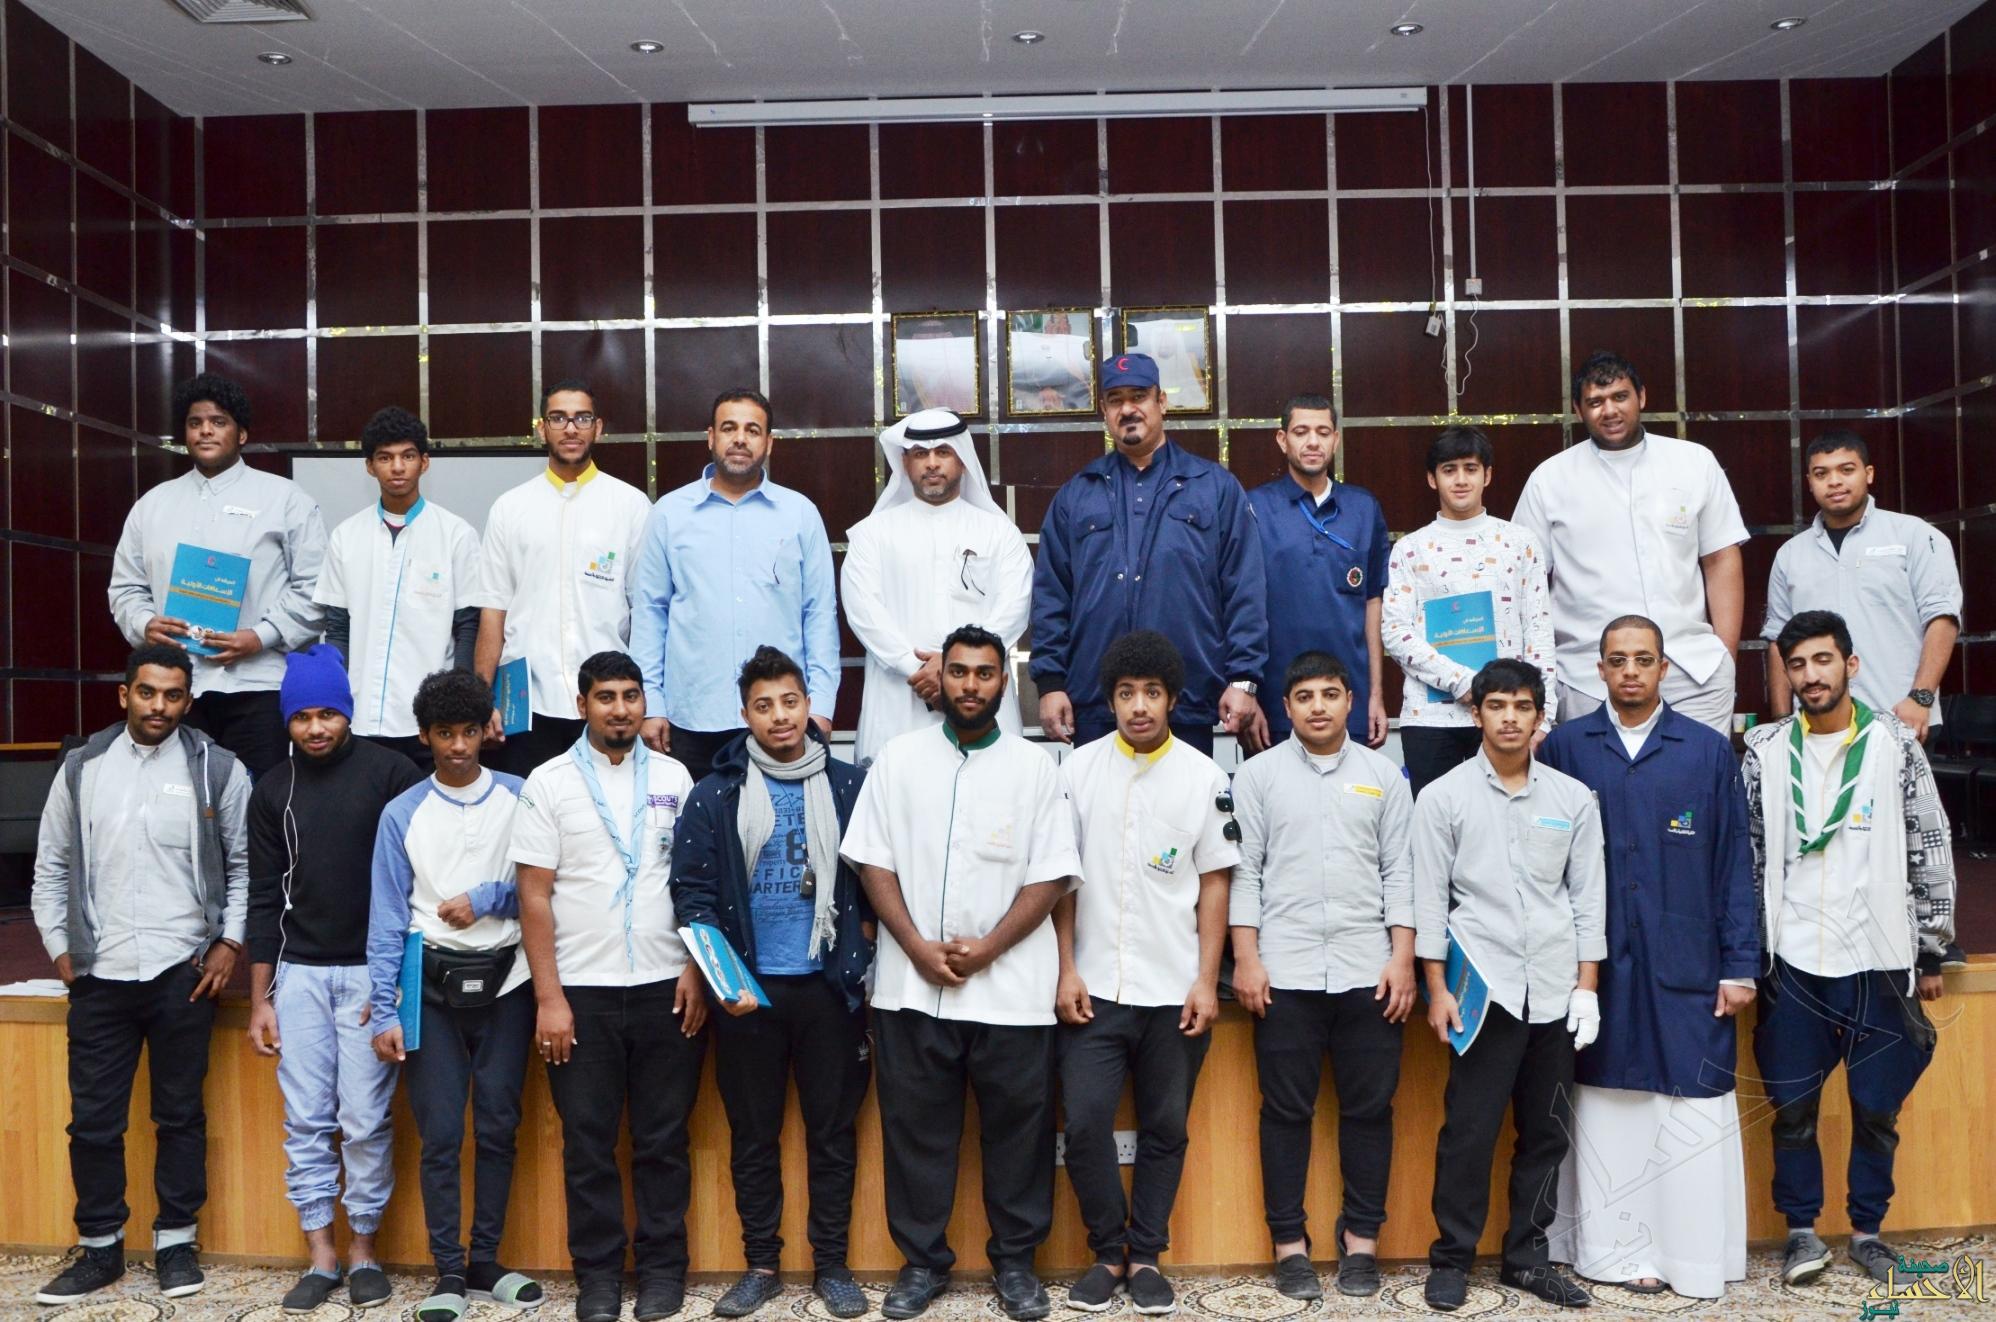 صورة جماعية للمشاركين في دور الاسعافات الاولية